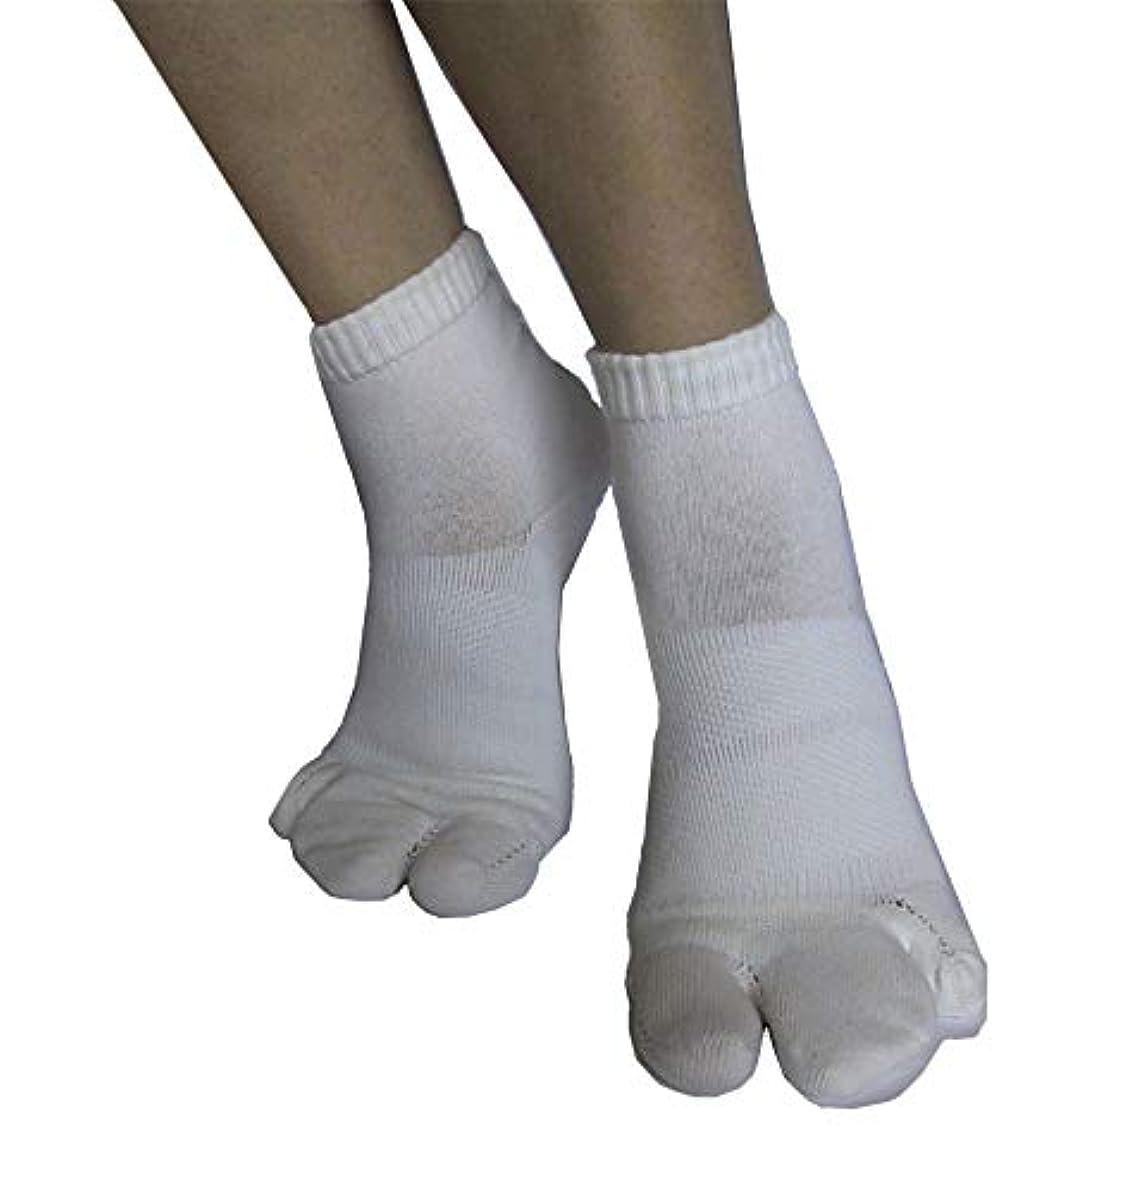 記念記念起きているカサハラ式サポーター ホソックス3本指テーピング靴下 ホワイトM 23.5-24.5cm